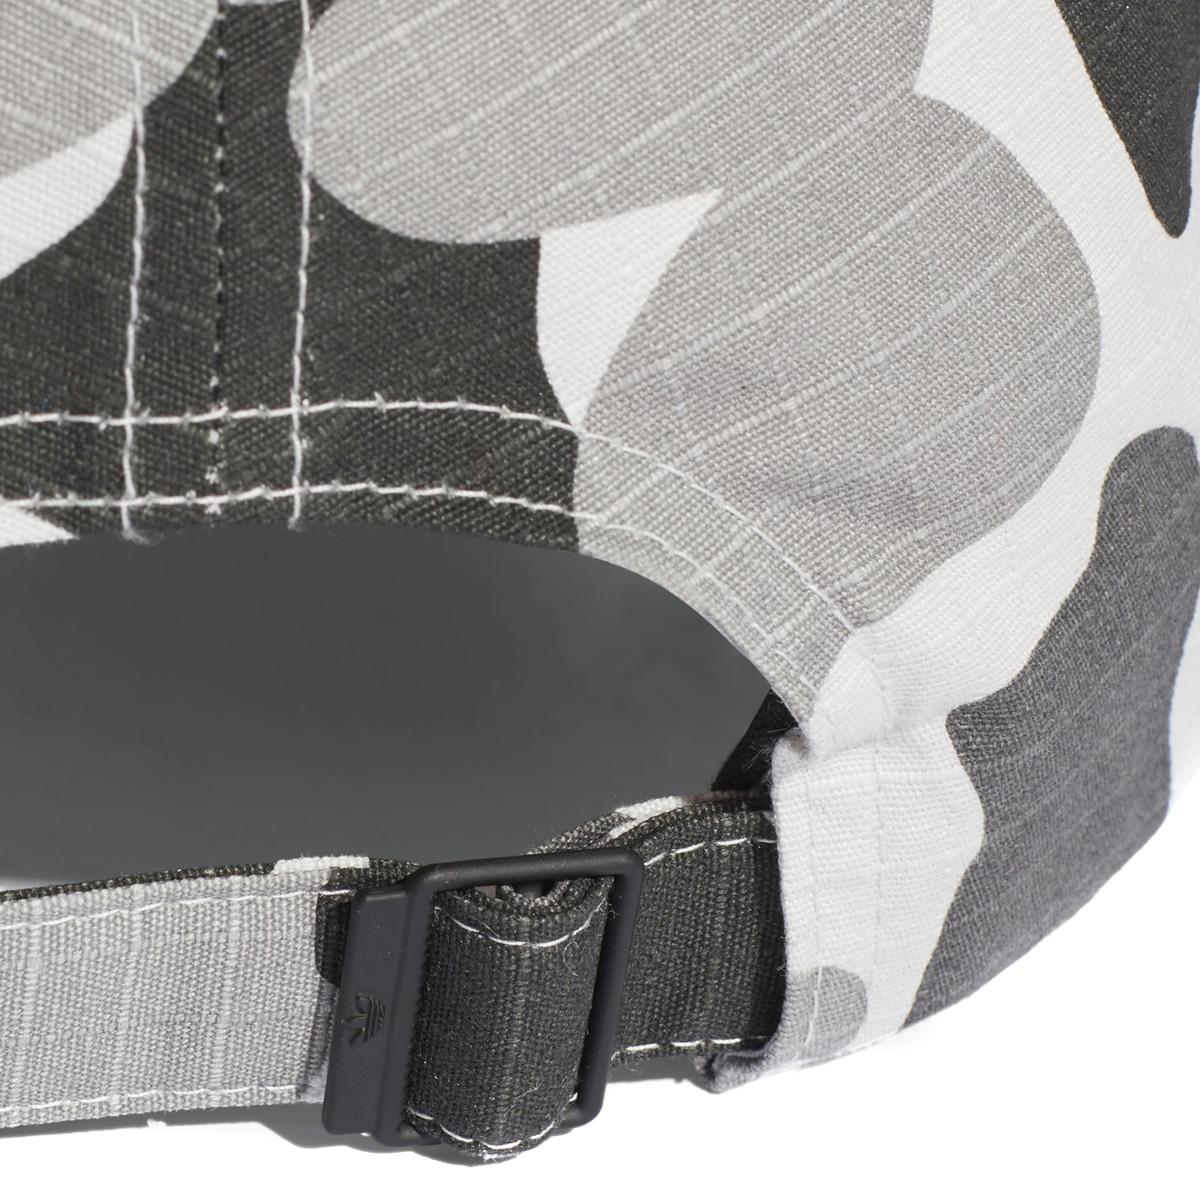 ebdaaeb9fd4a38 ... adidas Originals CAMO CLASSIC CAP (Adidas originals duck classical  music cap) MULTI 18FA- ...